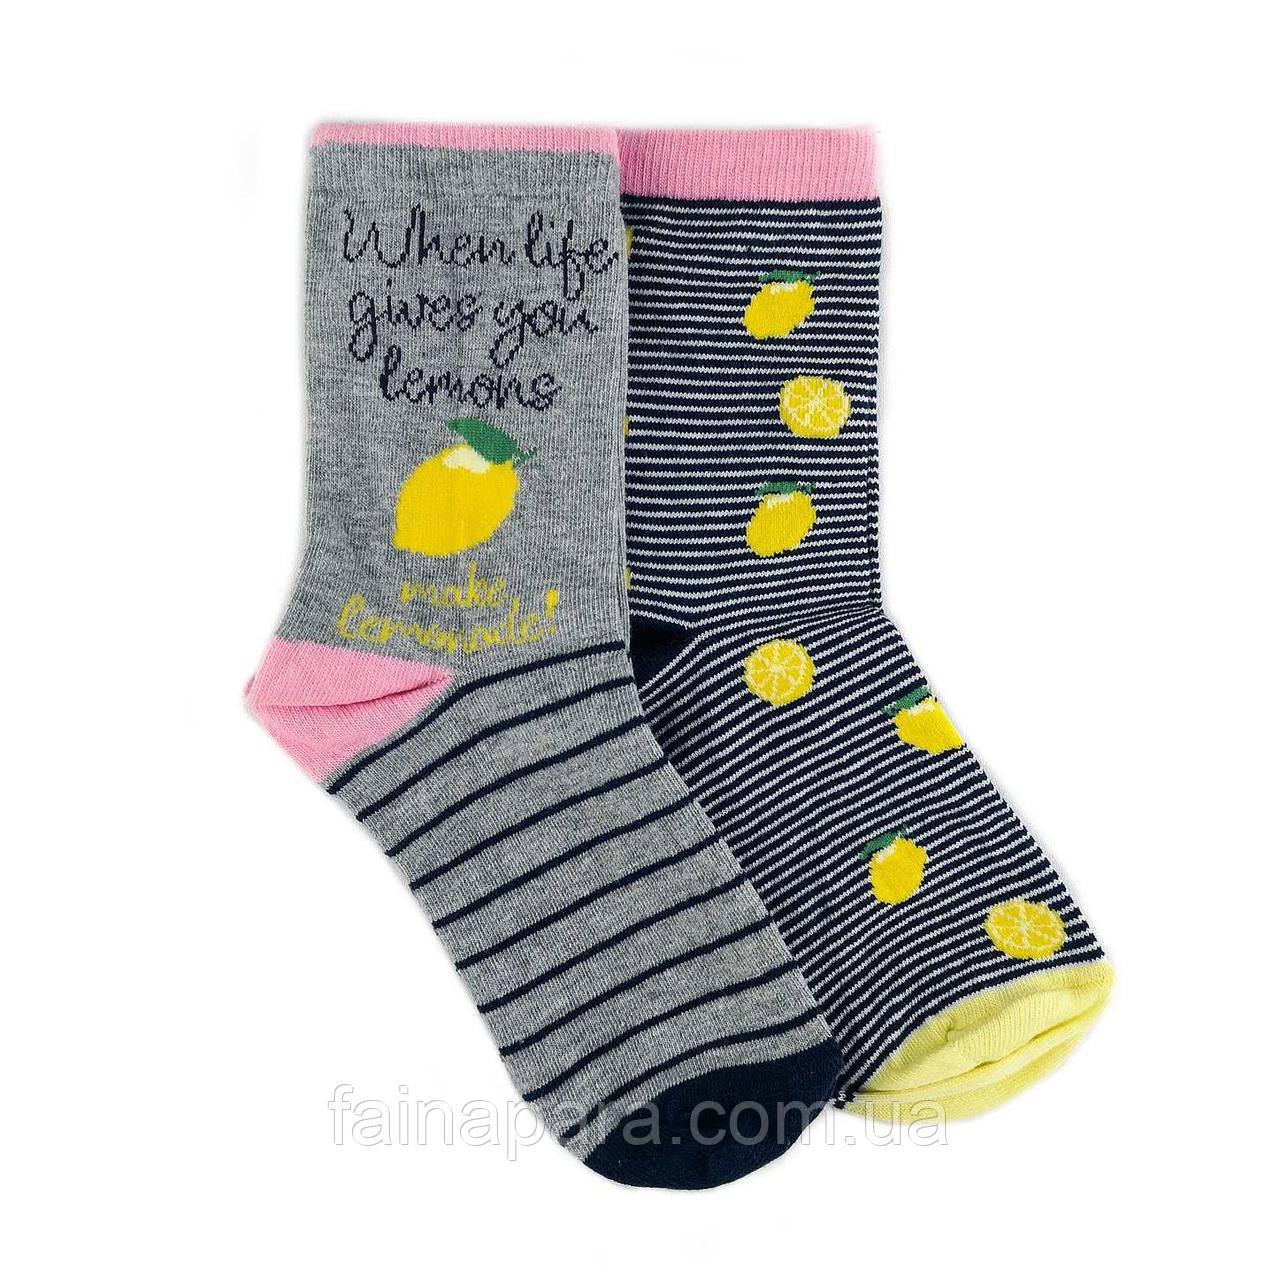 Женские носки Лимон 2 пары в подарочной коробке